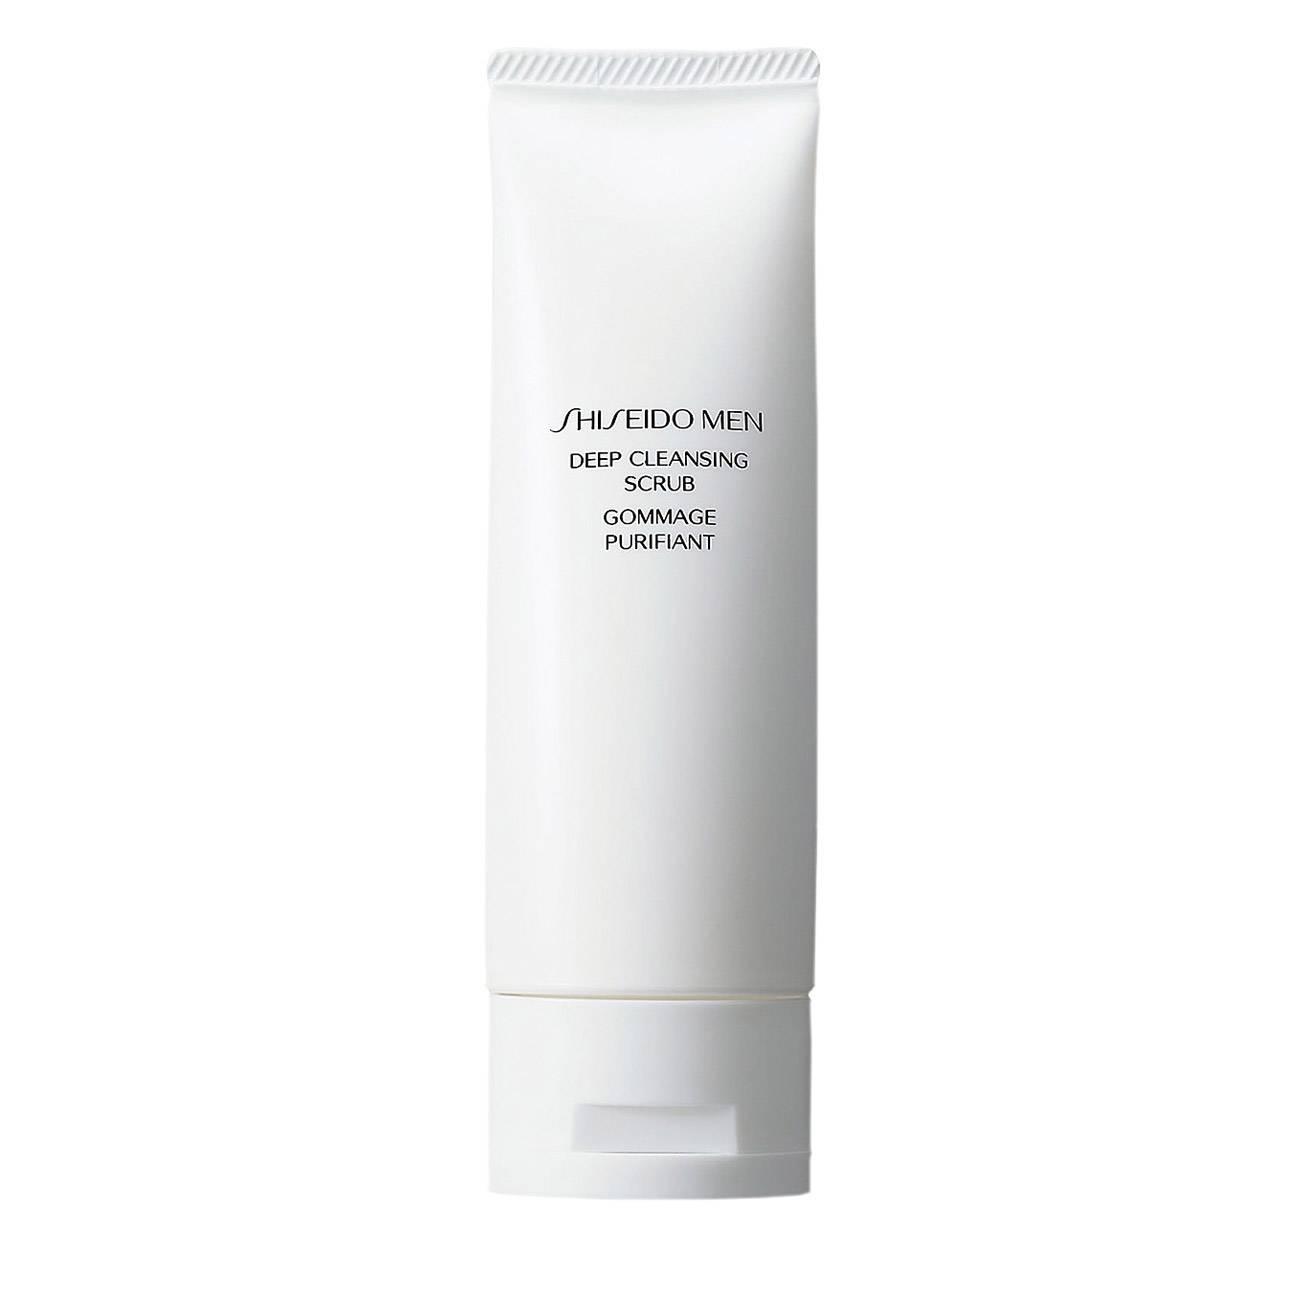 Men's Deep Cleasing Scrub 125ml Shiseido imagine 2021 bestvalue.eu